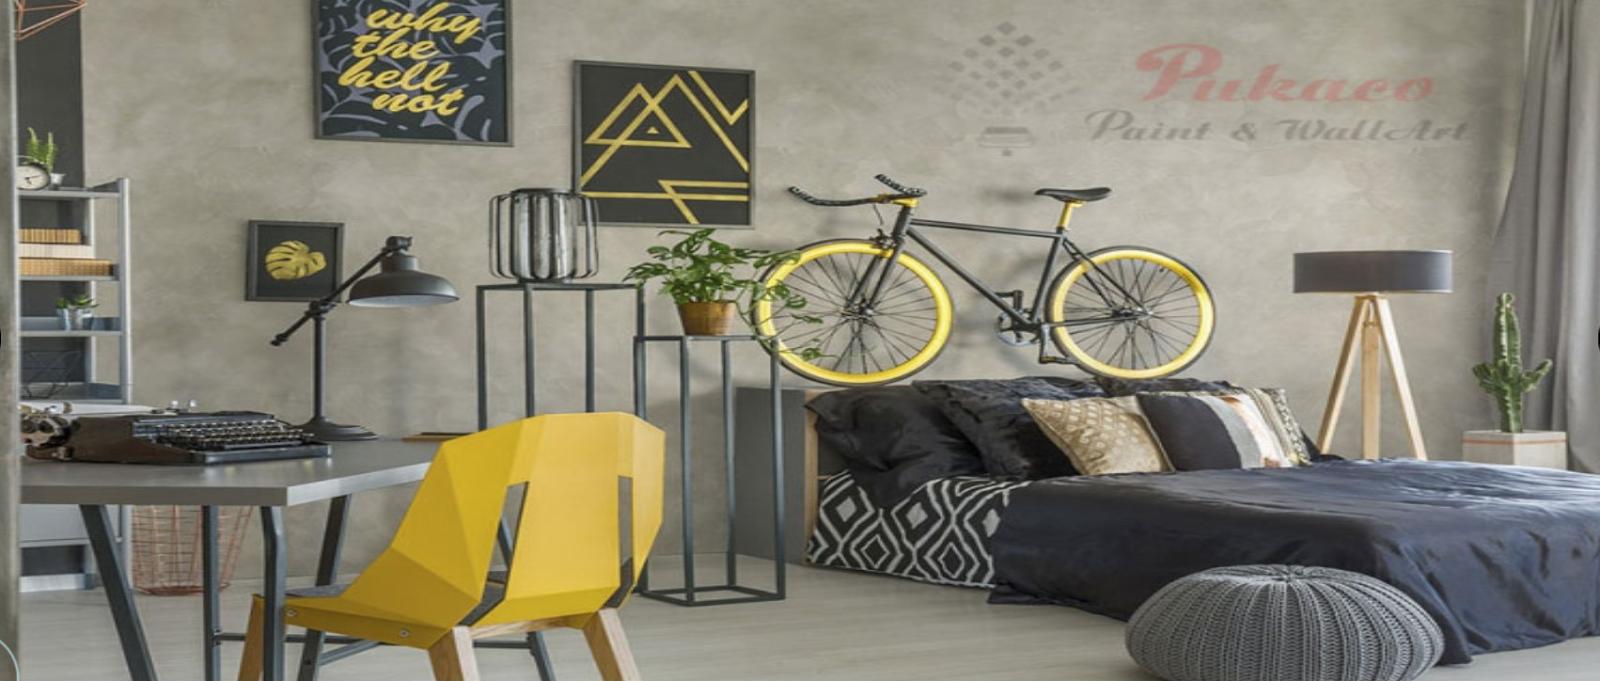 Sơn giả bê tông – màu sắc đơn giản, thu hút ánh nhìn nhất